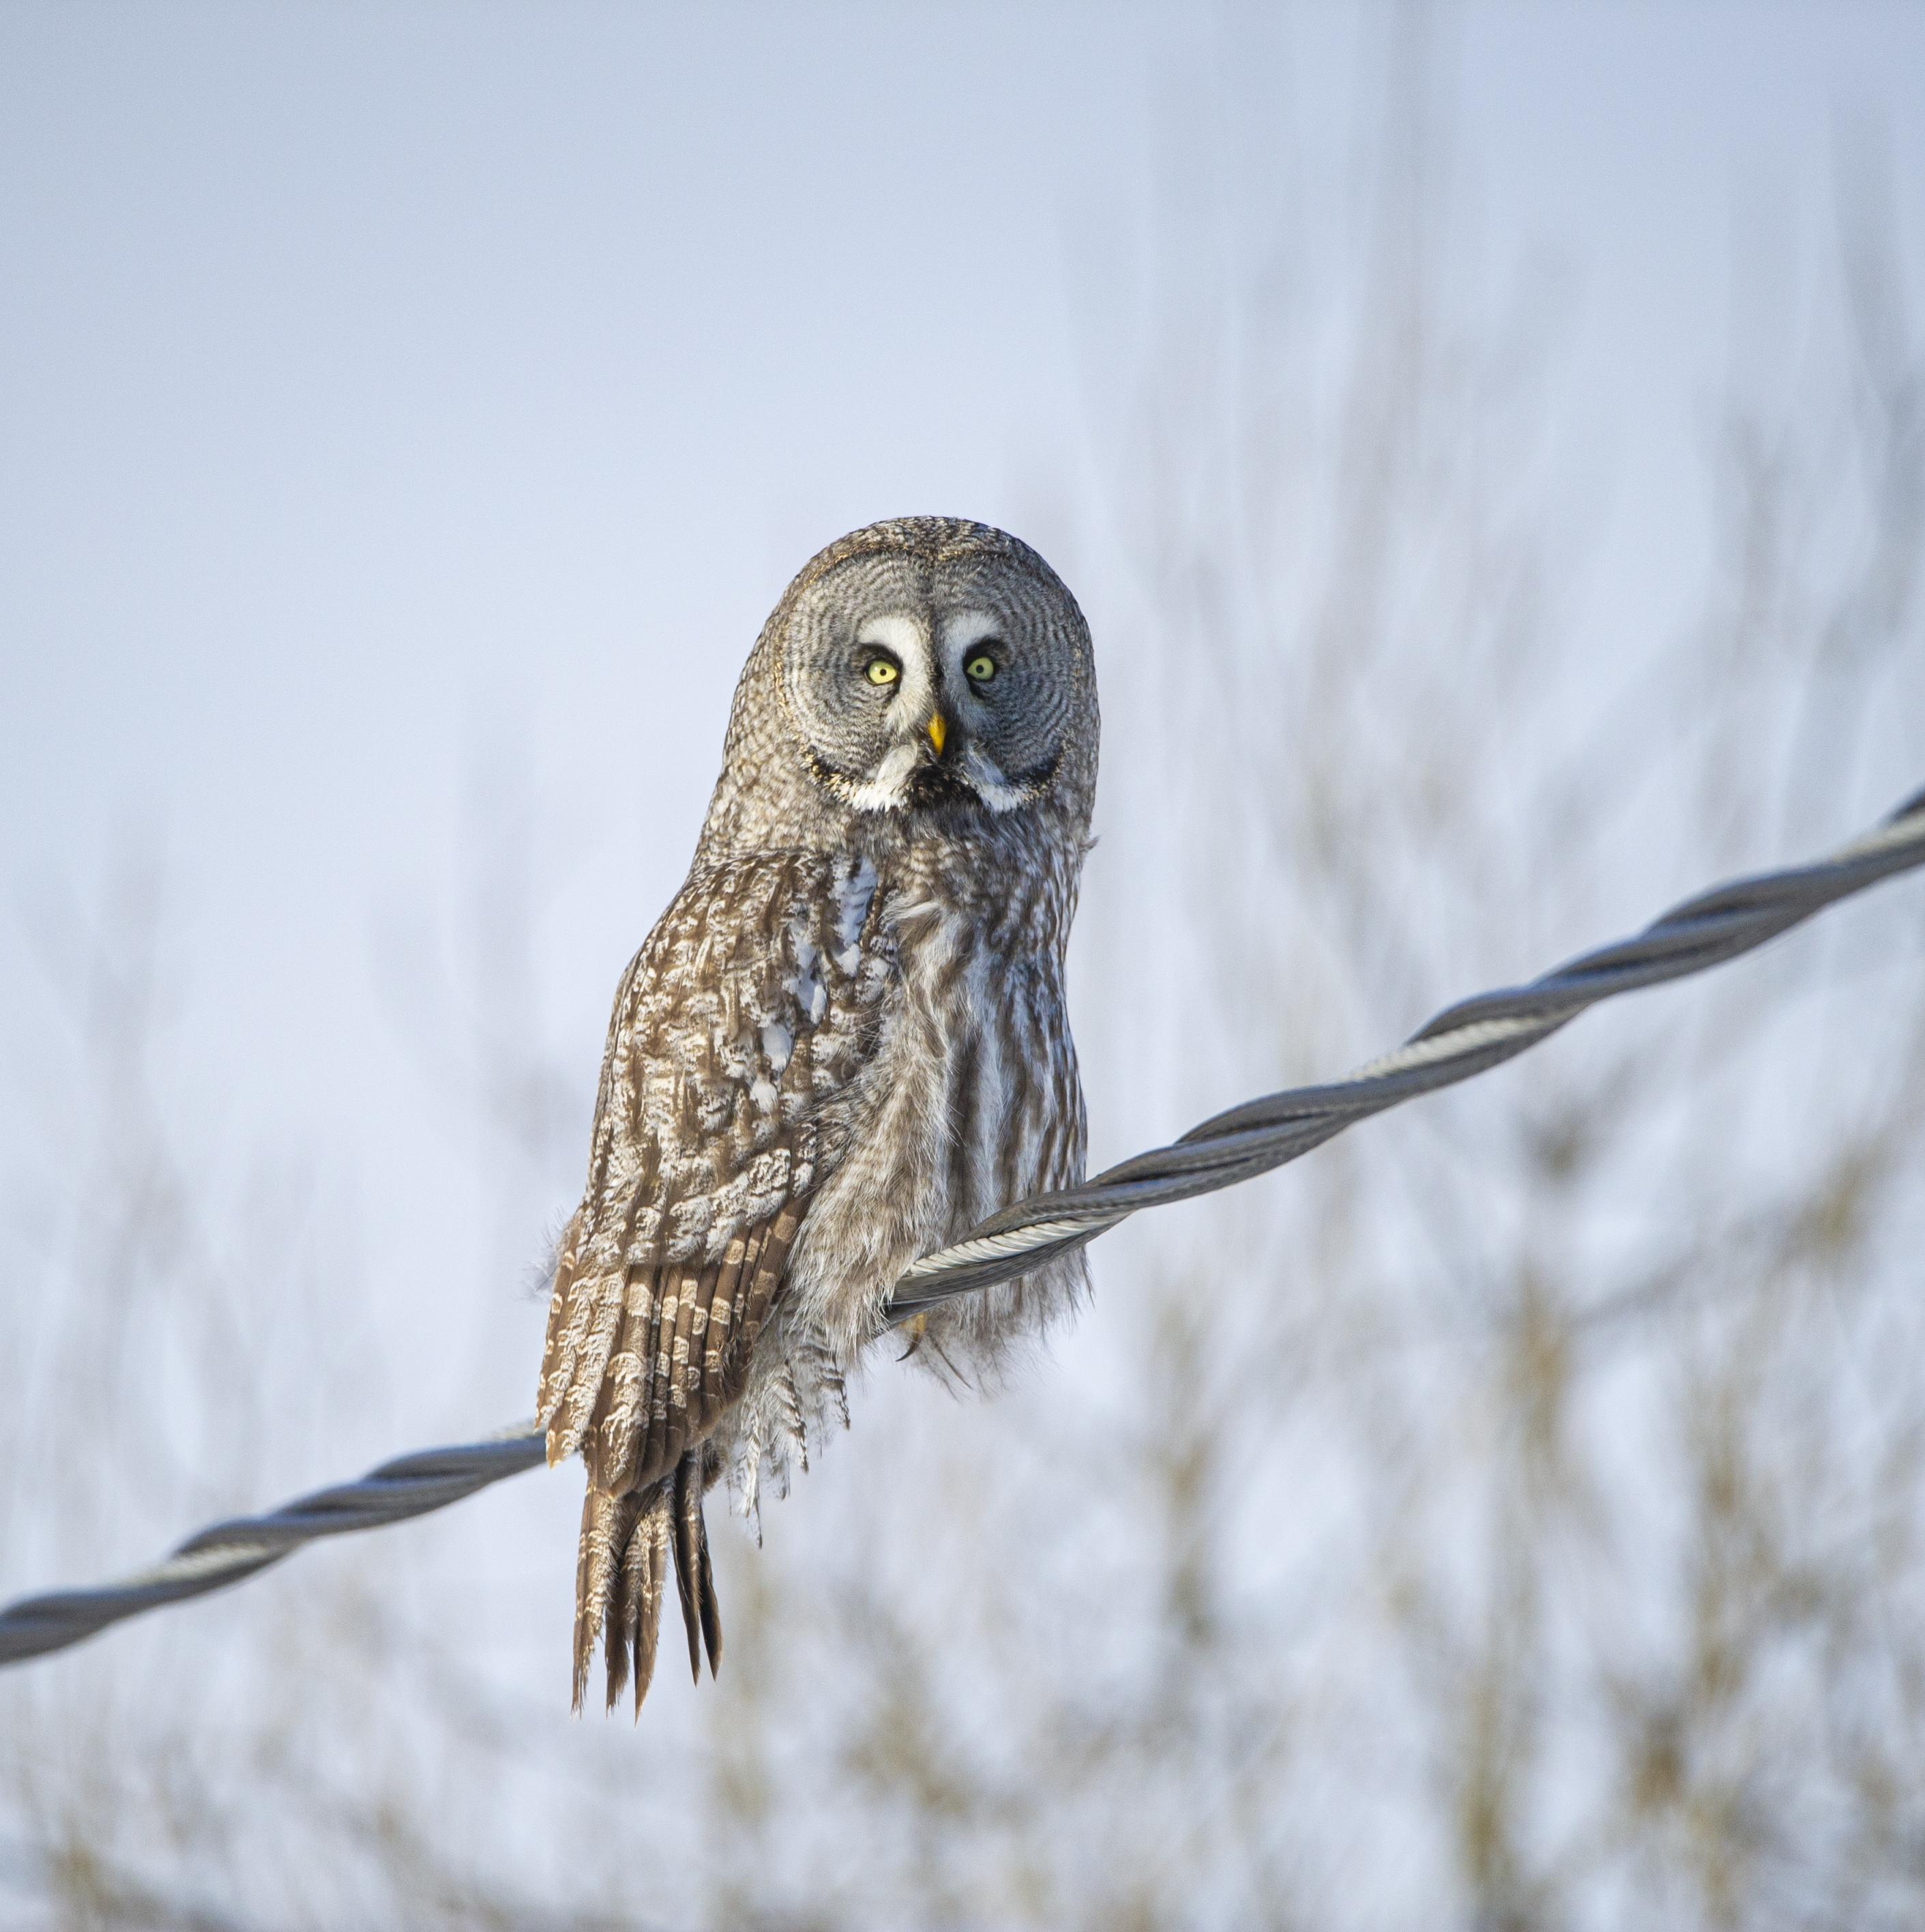 Iso-Syötteellä voi kuvata ja bongata pöllöjä ja erilaisia lintuja. Lapinpöllö on yleinen näky. Syötteen luonto on monipuolinen.